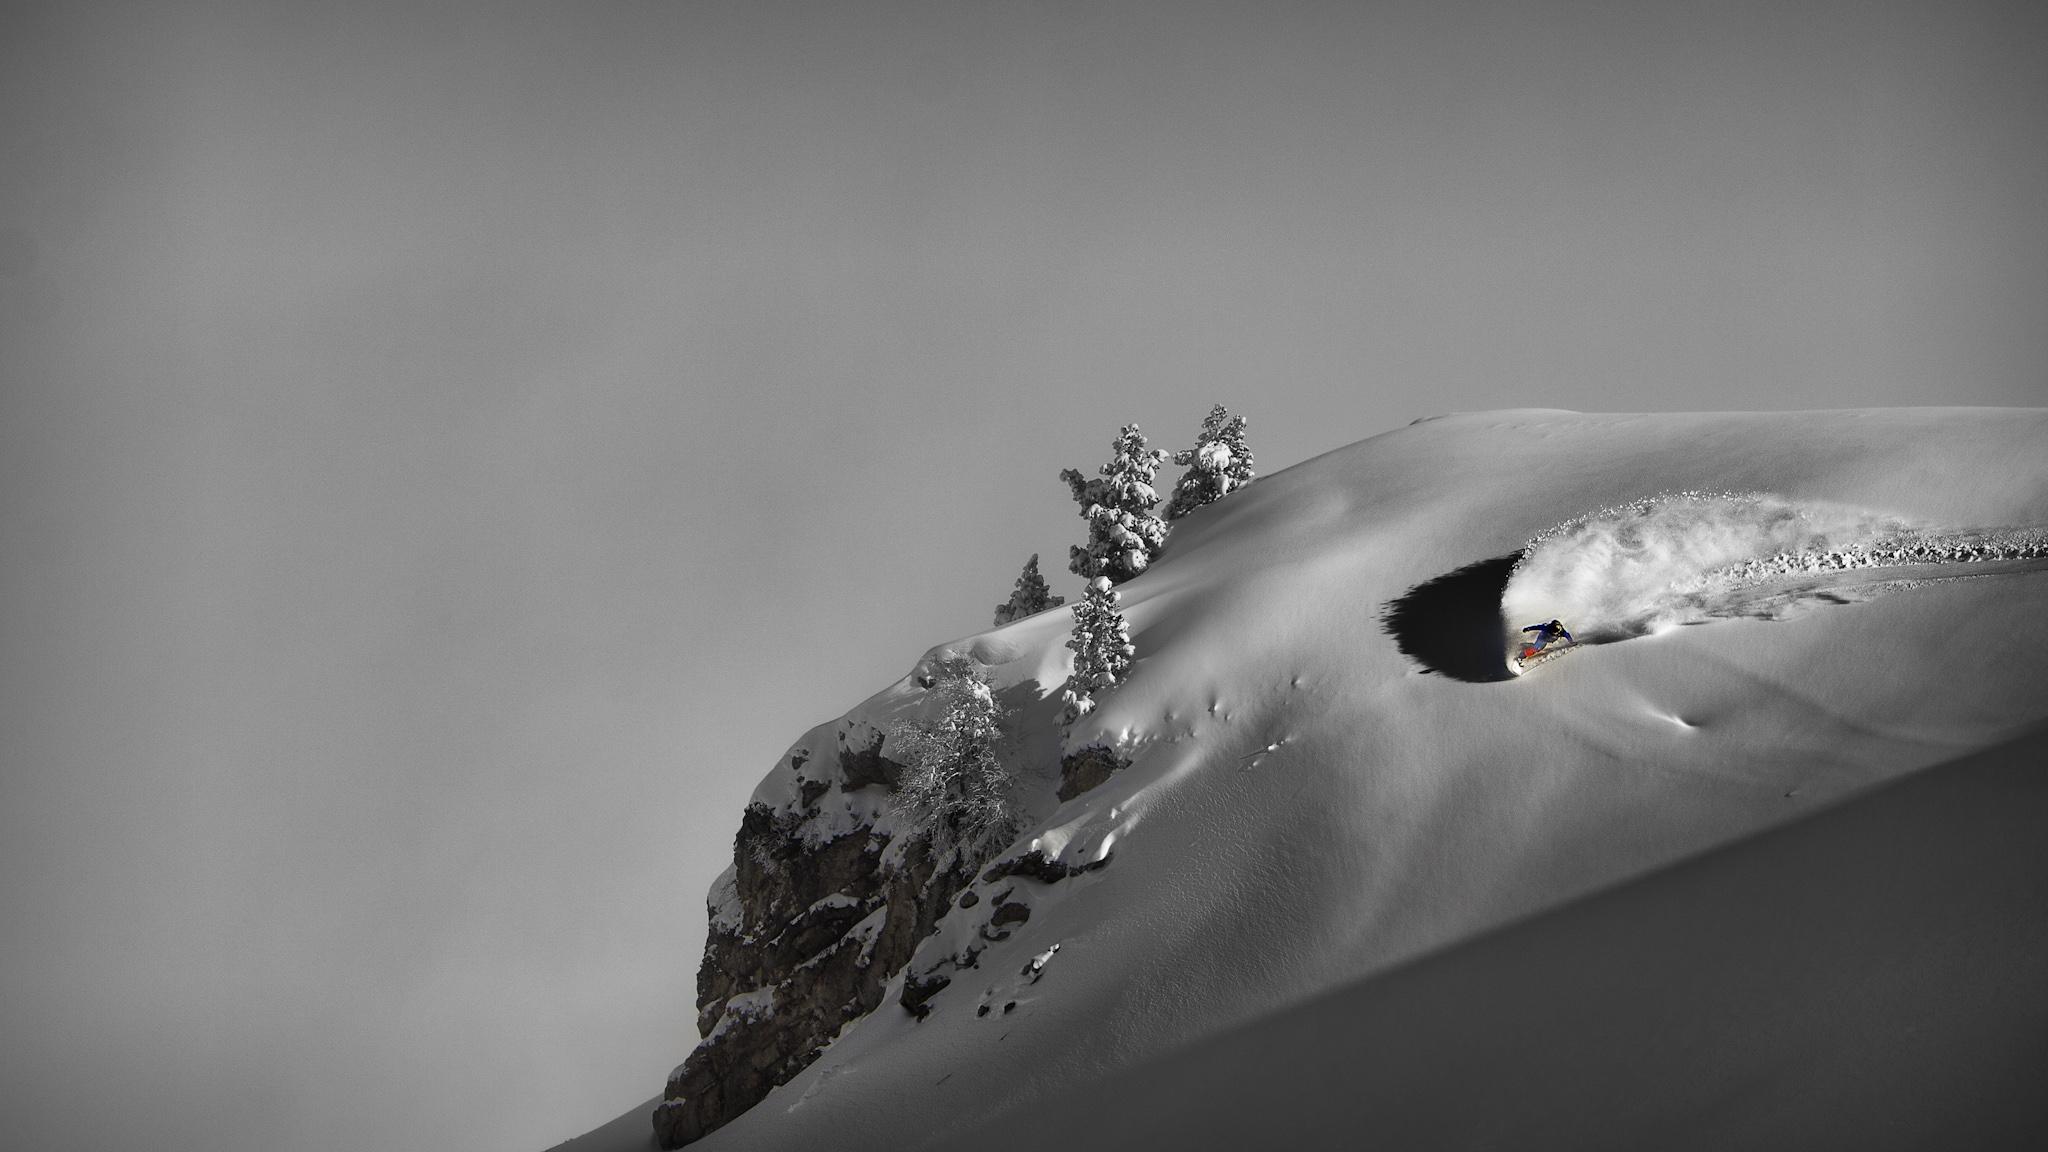 Cono de La Zapatilla, Ekaitz Isasi - Ski & Snowboard - Fotos del Valle del Aragón, Mikel Besga